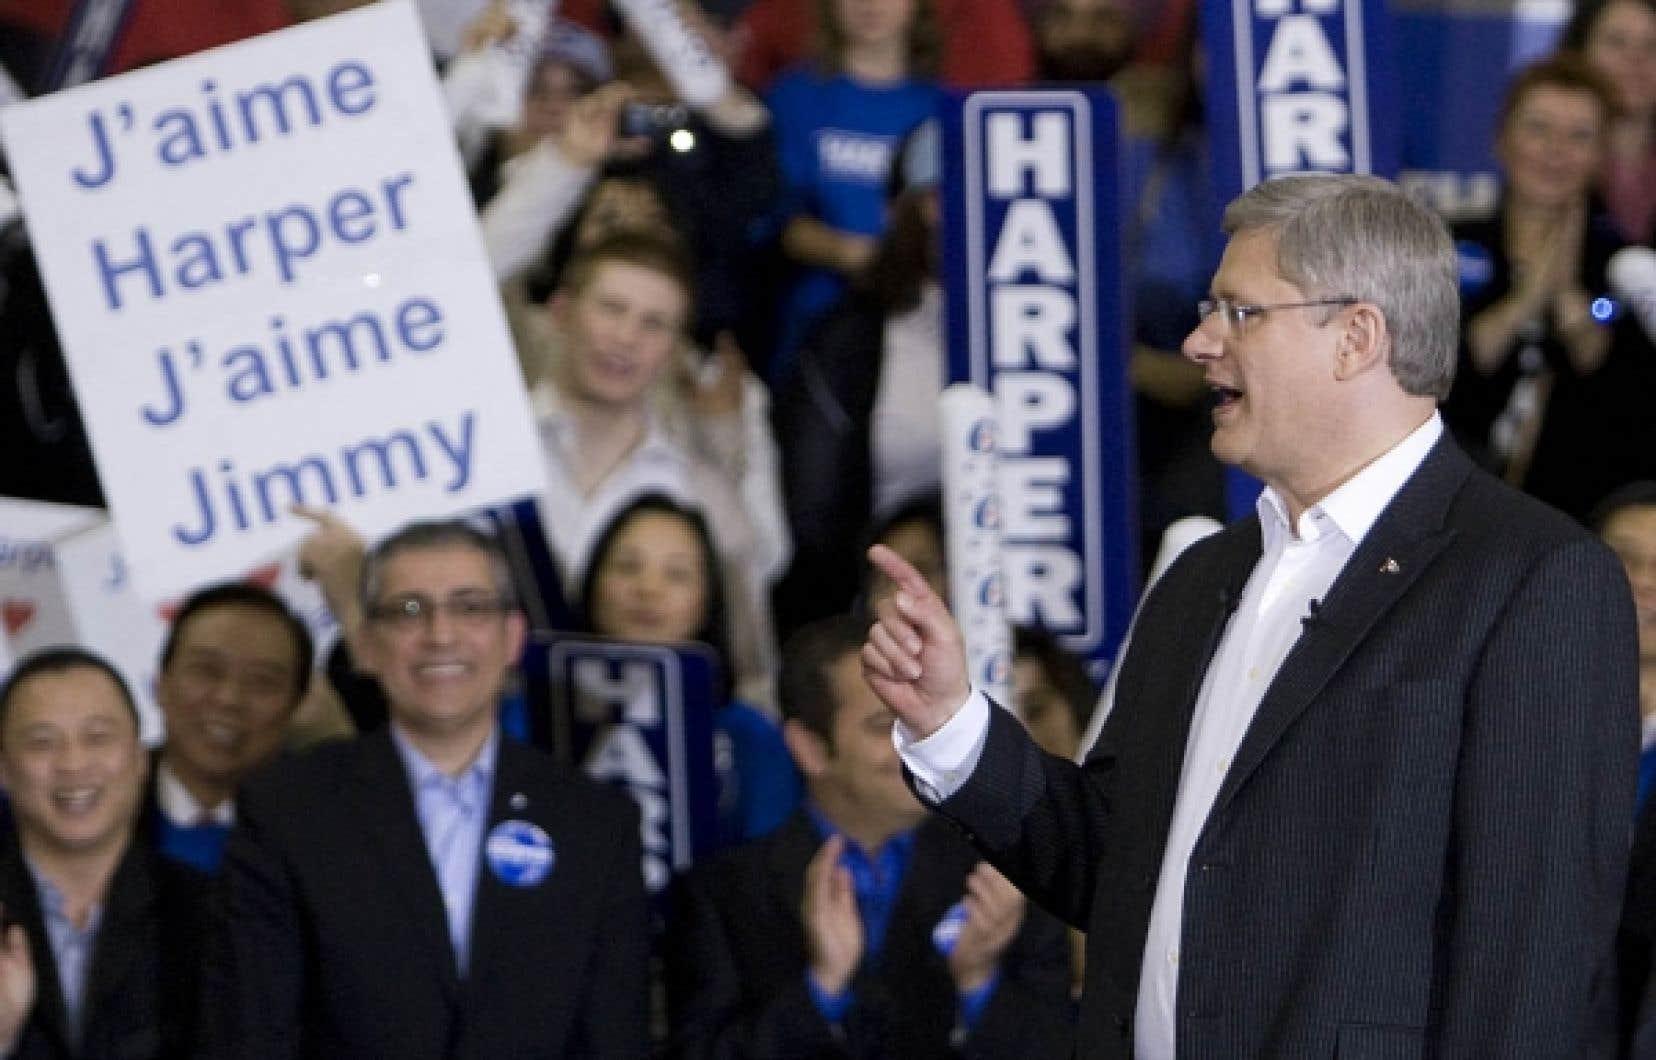 Stephen Harper était de passage hier dans la circonscription de Pierrefonds-Dollar, où environ 750 partisans s'étaient déplacés pour l'entendre.